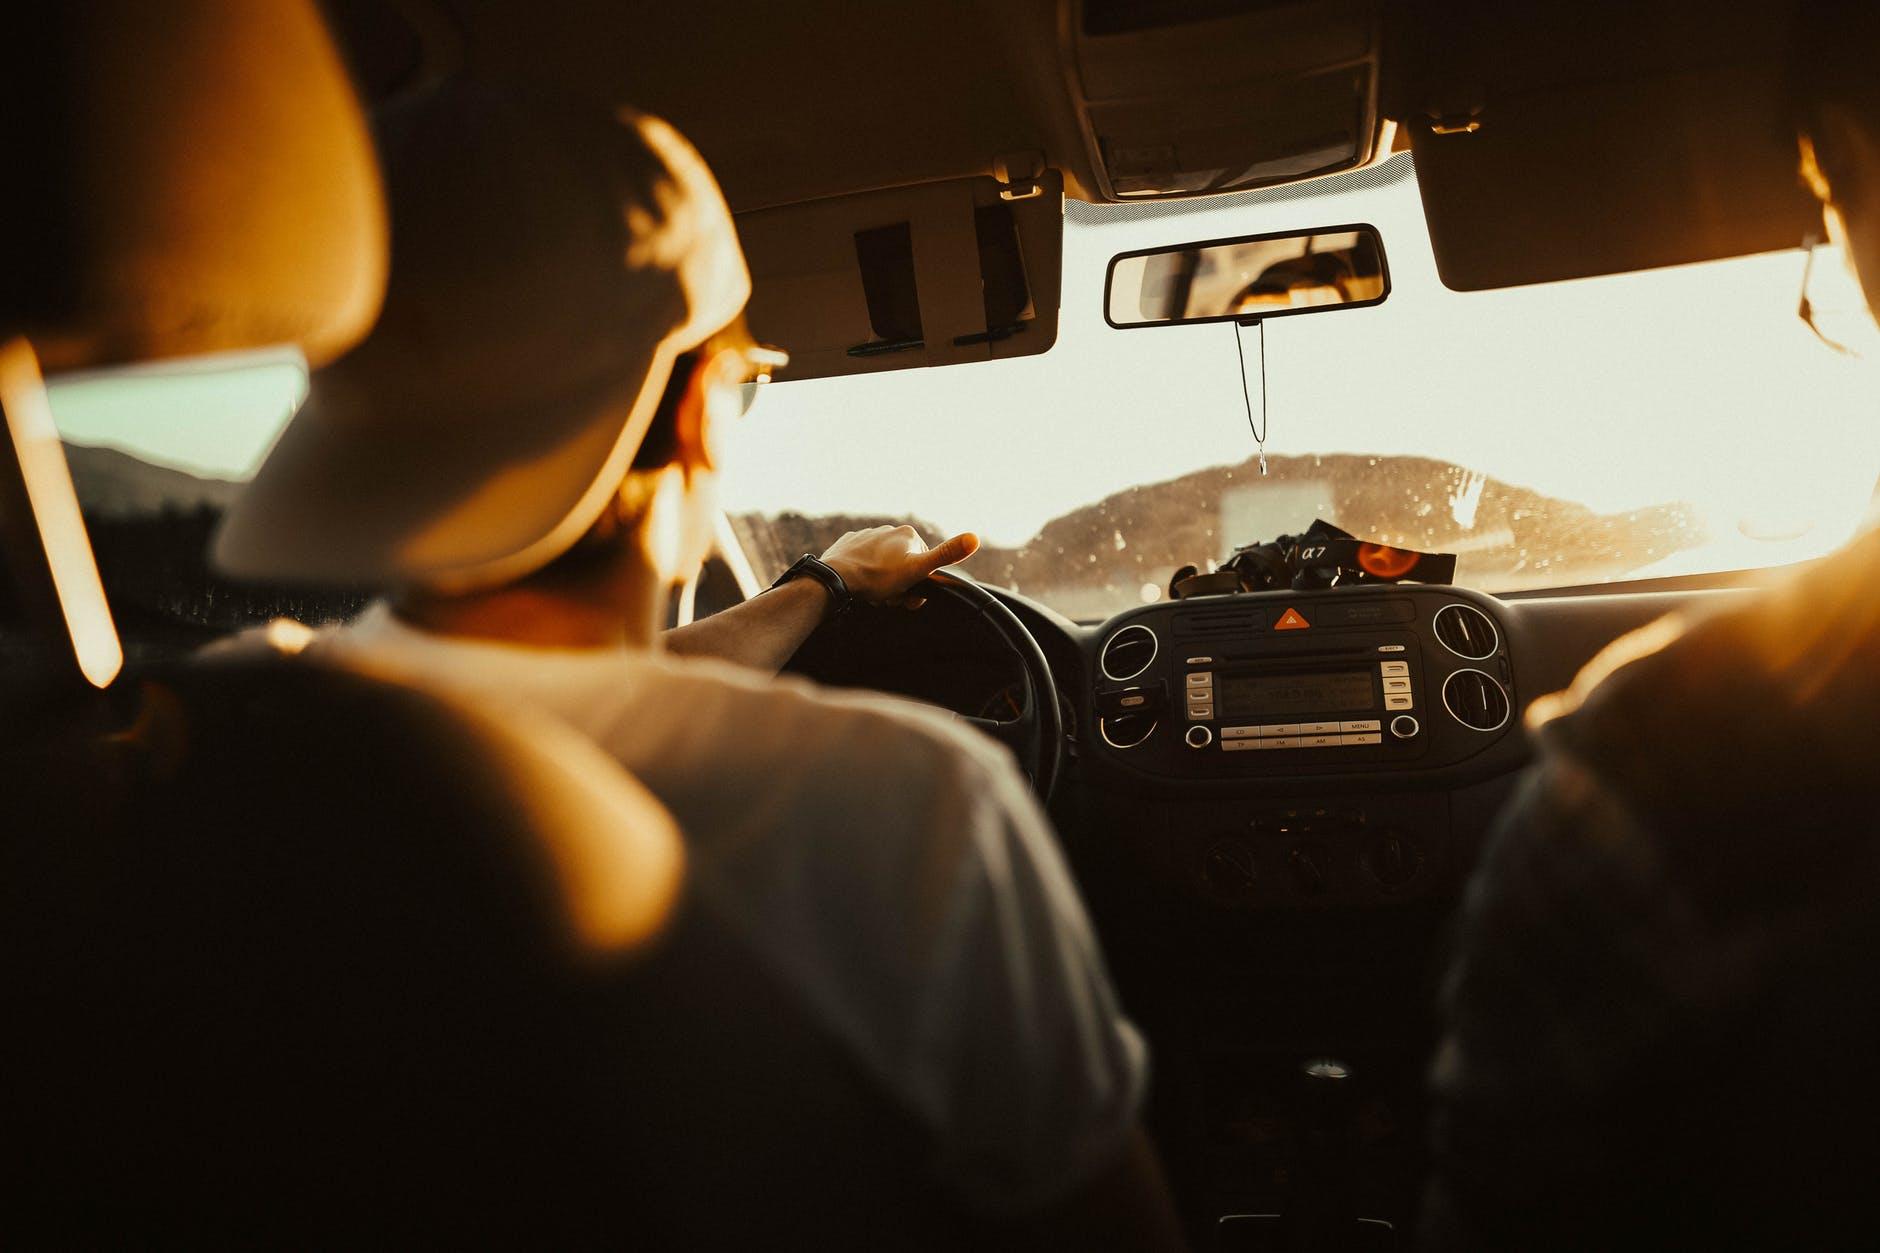 voiture voyager conduire